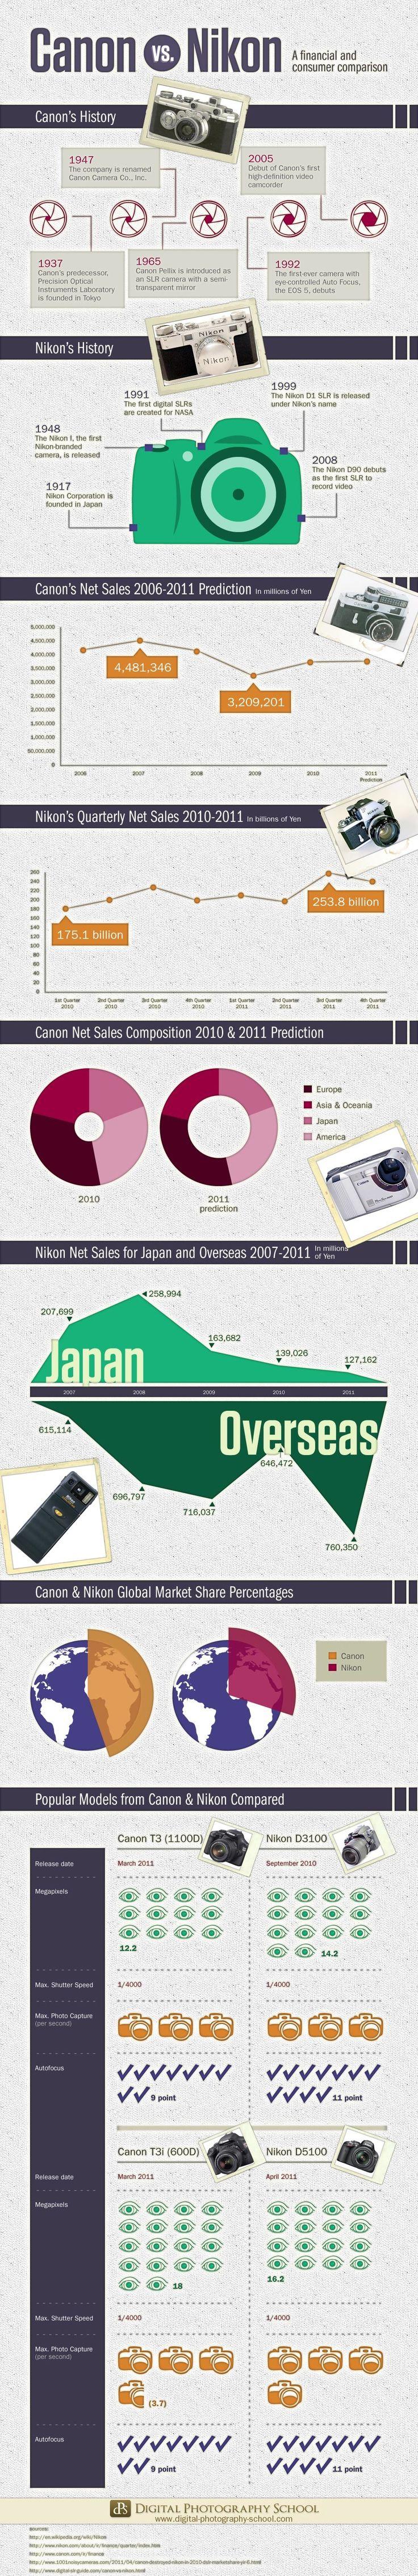 Comparativa entre Canon y Nikon #infografia #infographic